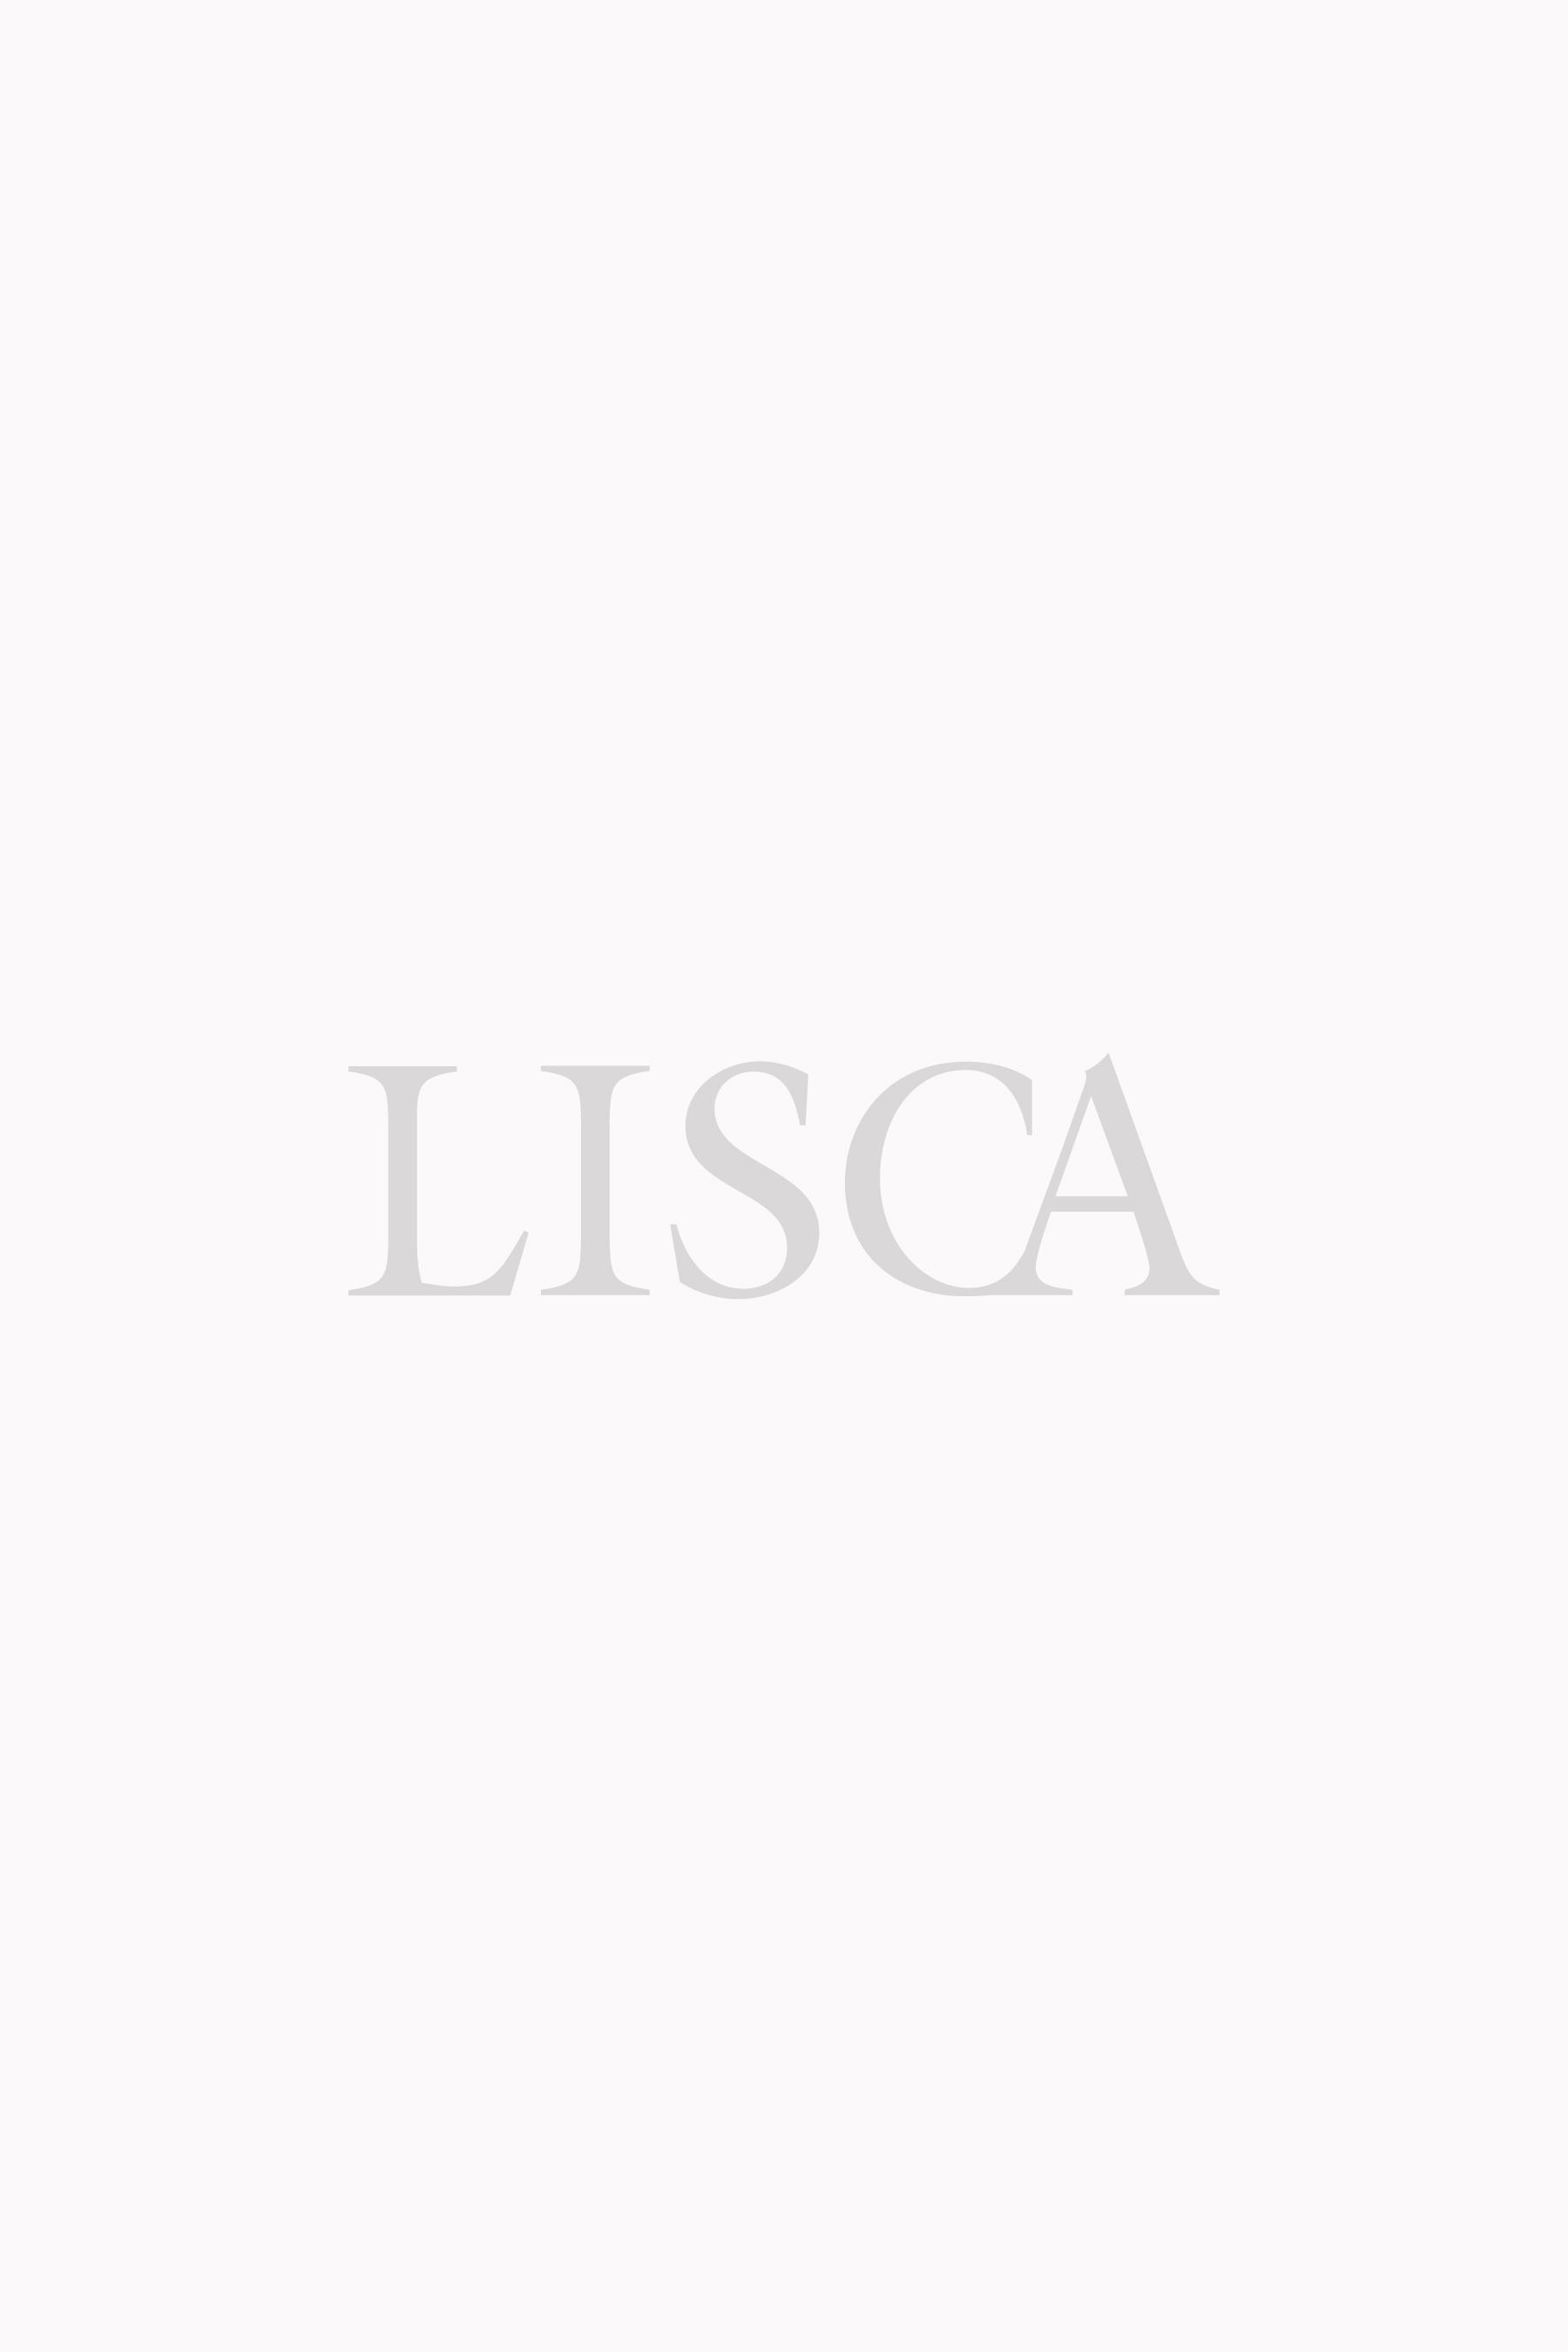 Високи гаќички »Nice« - костим за капење